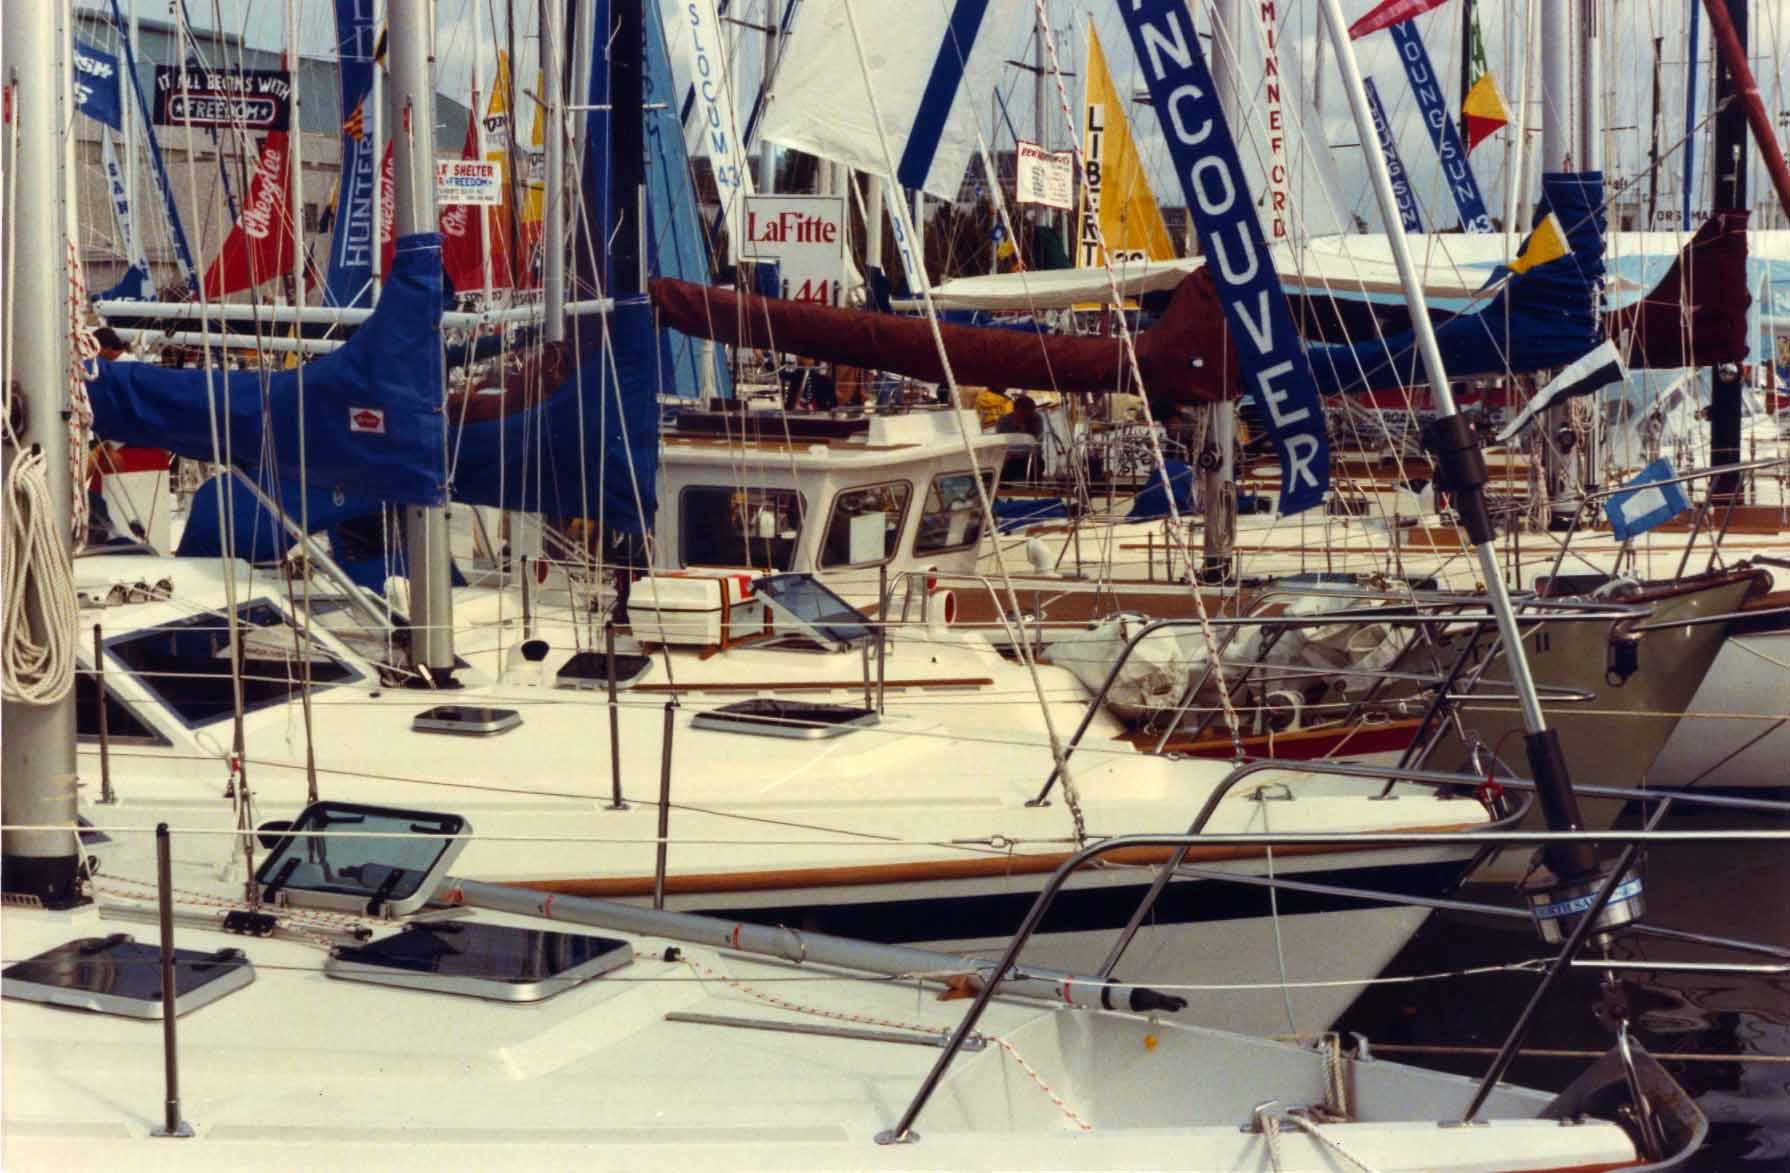 Annapolis Boatshow